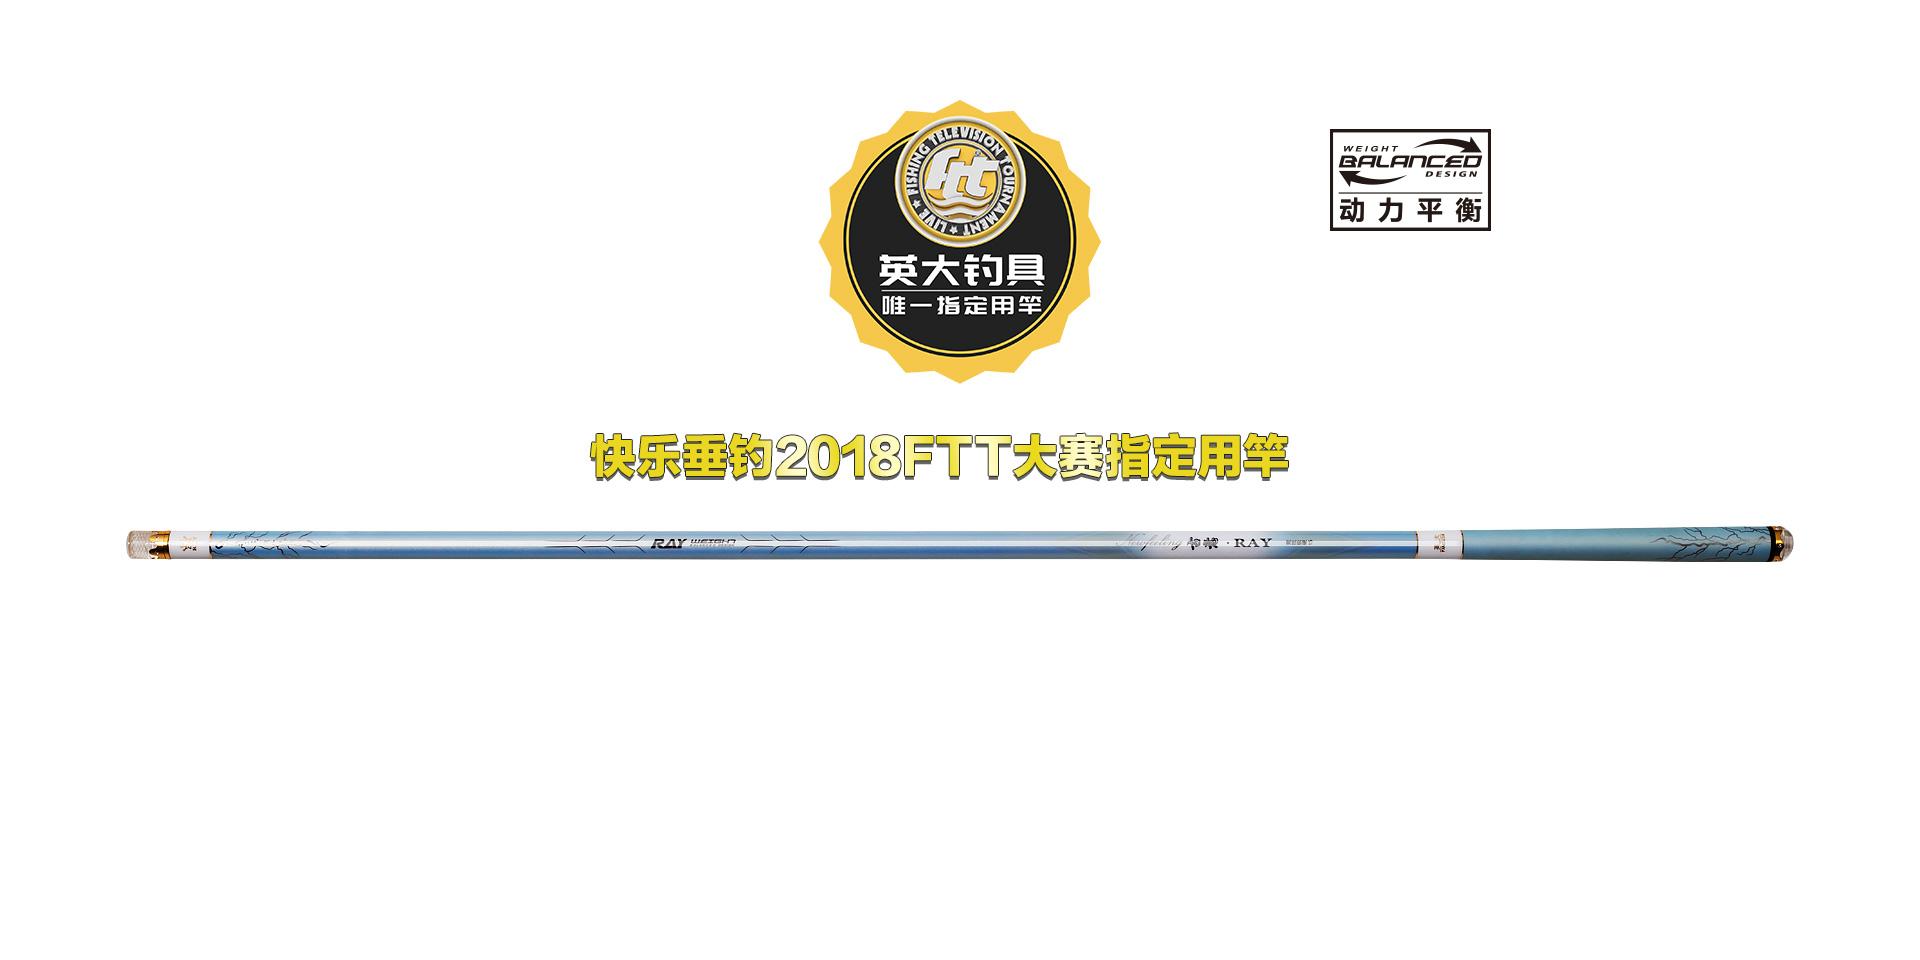 英大钓具亚洲限量发行YINGDA・RAY・系列新品――古意・RAY,高品质型动力平衡竞技竿